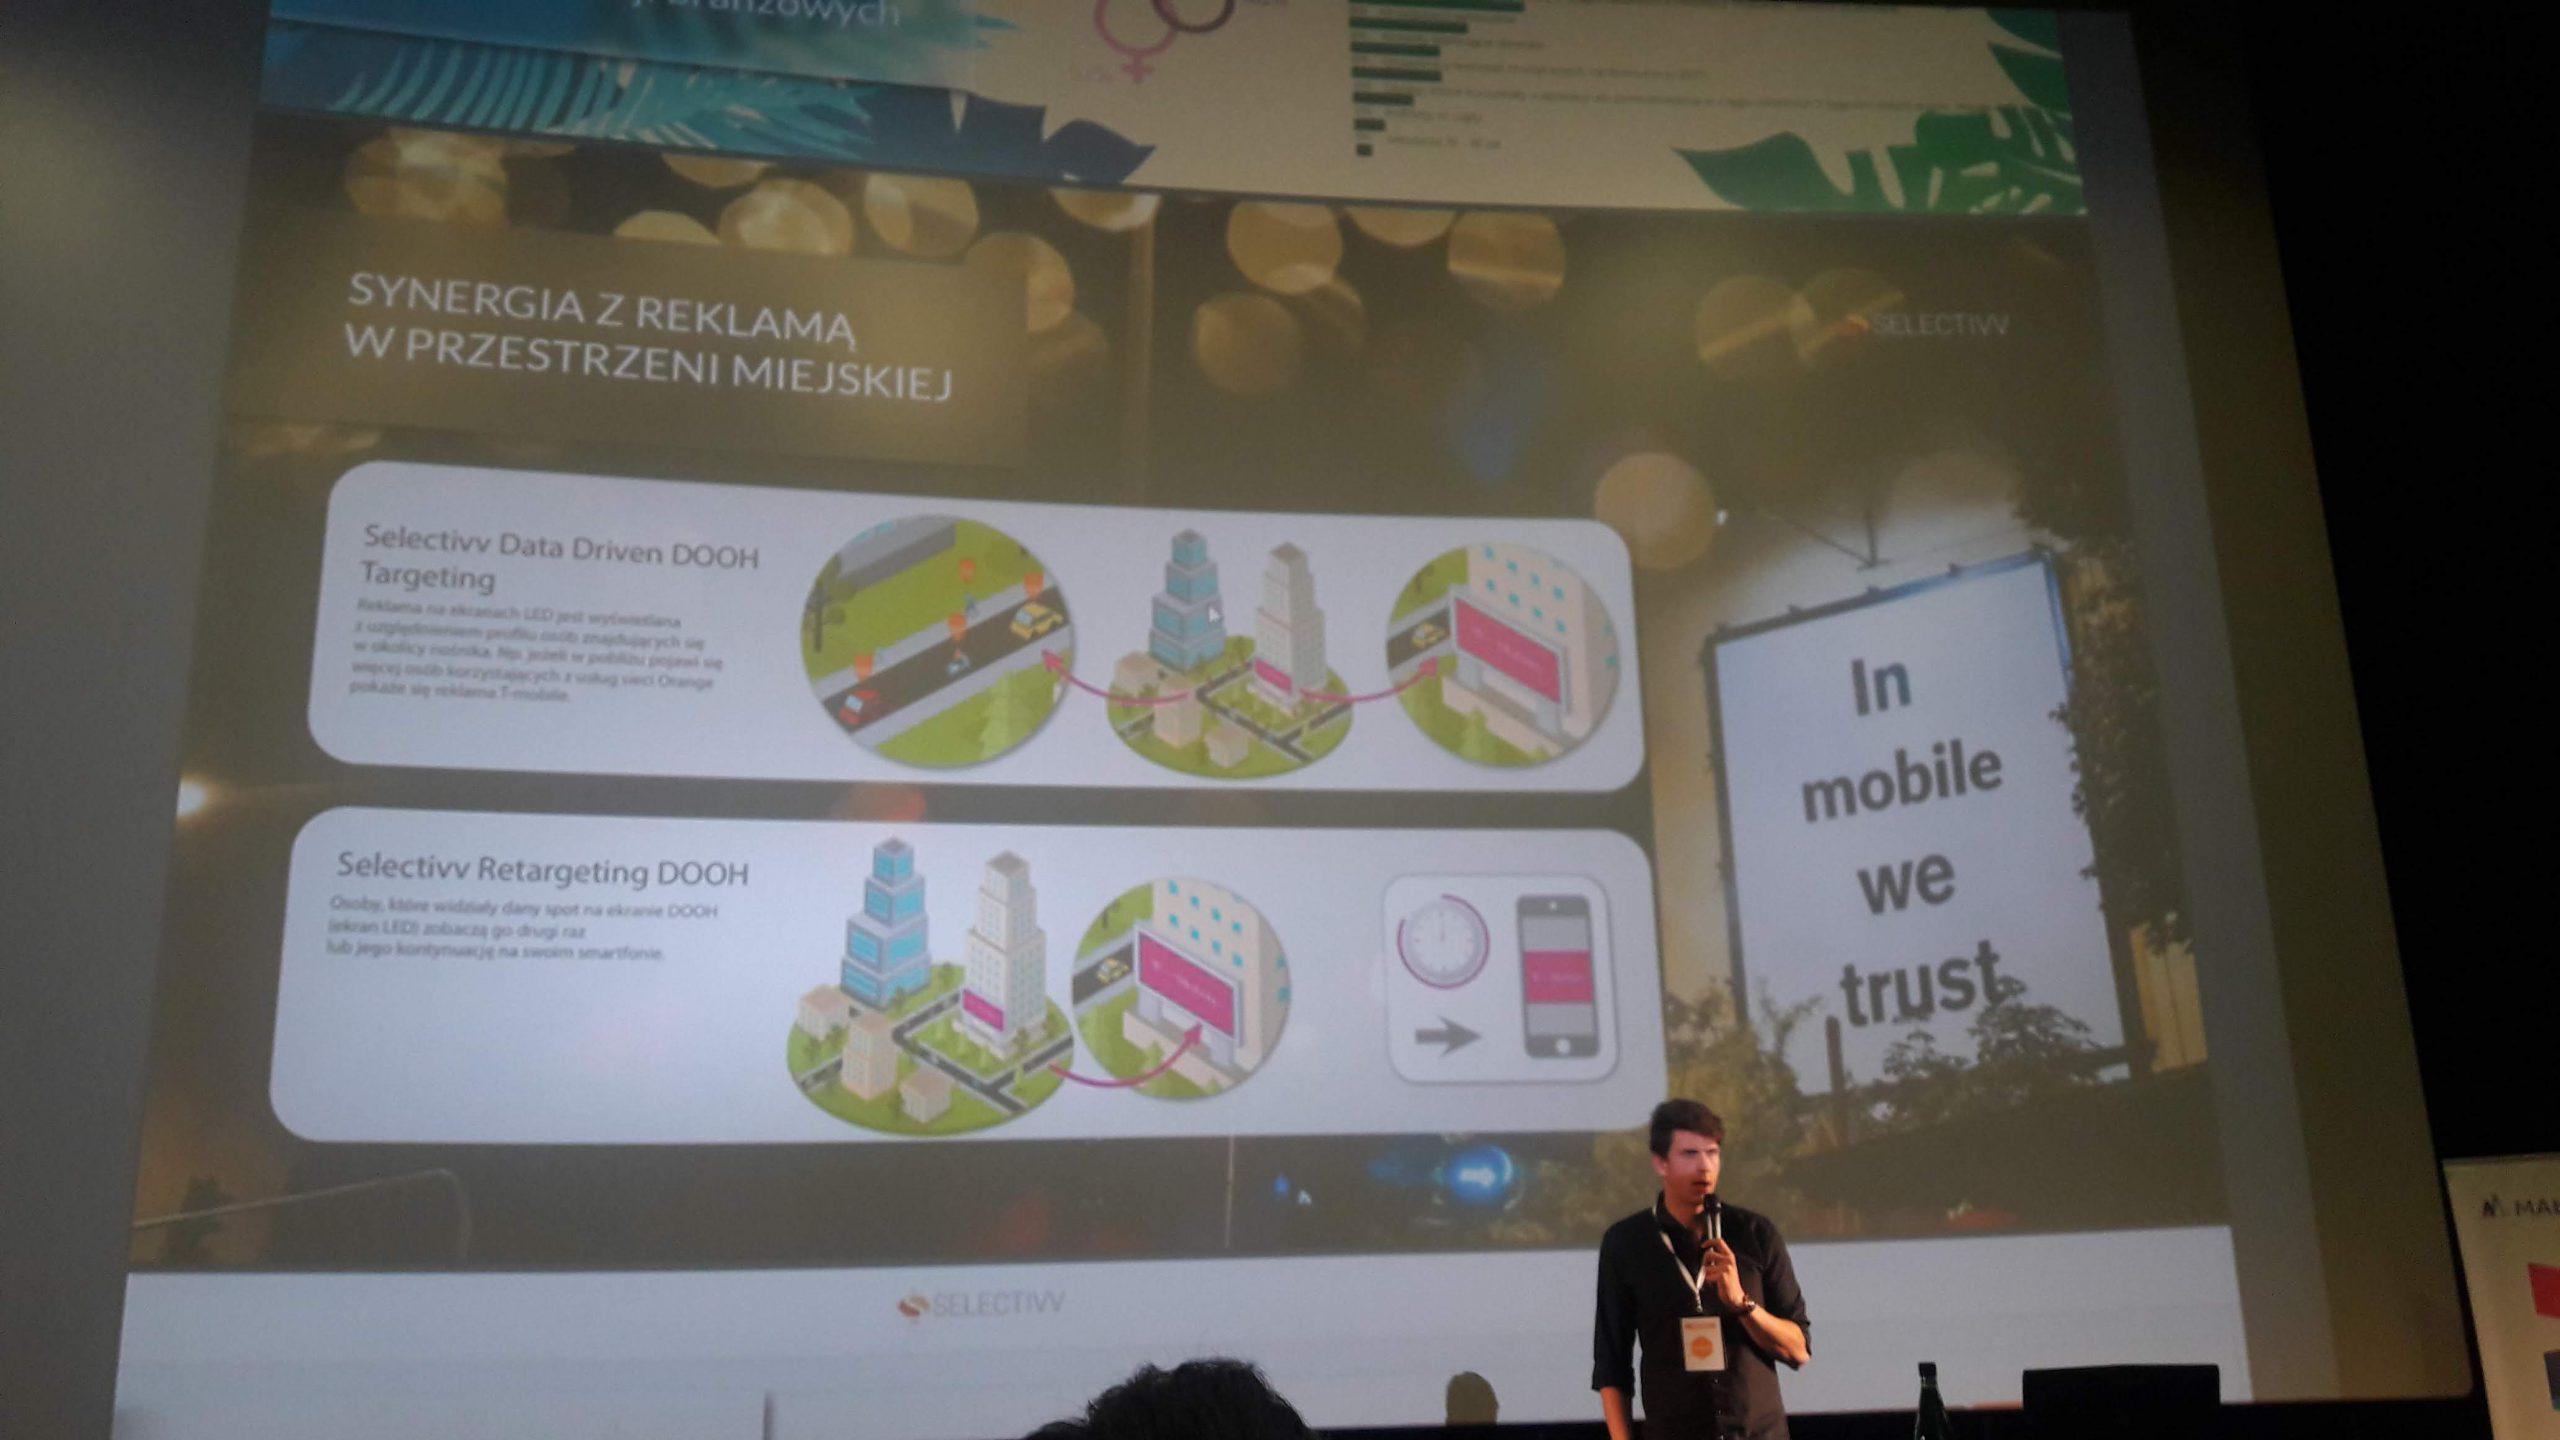 Prelekcja podczas DigitalFest